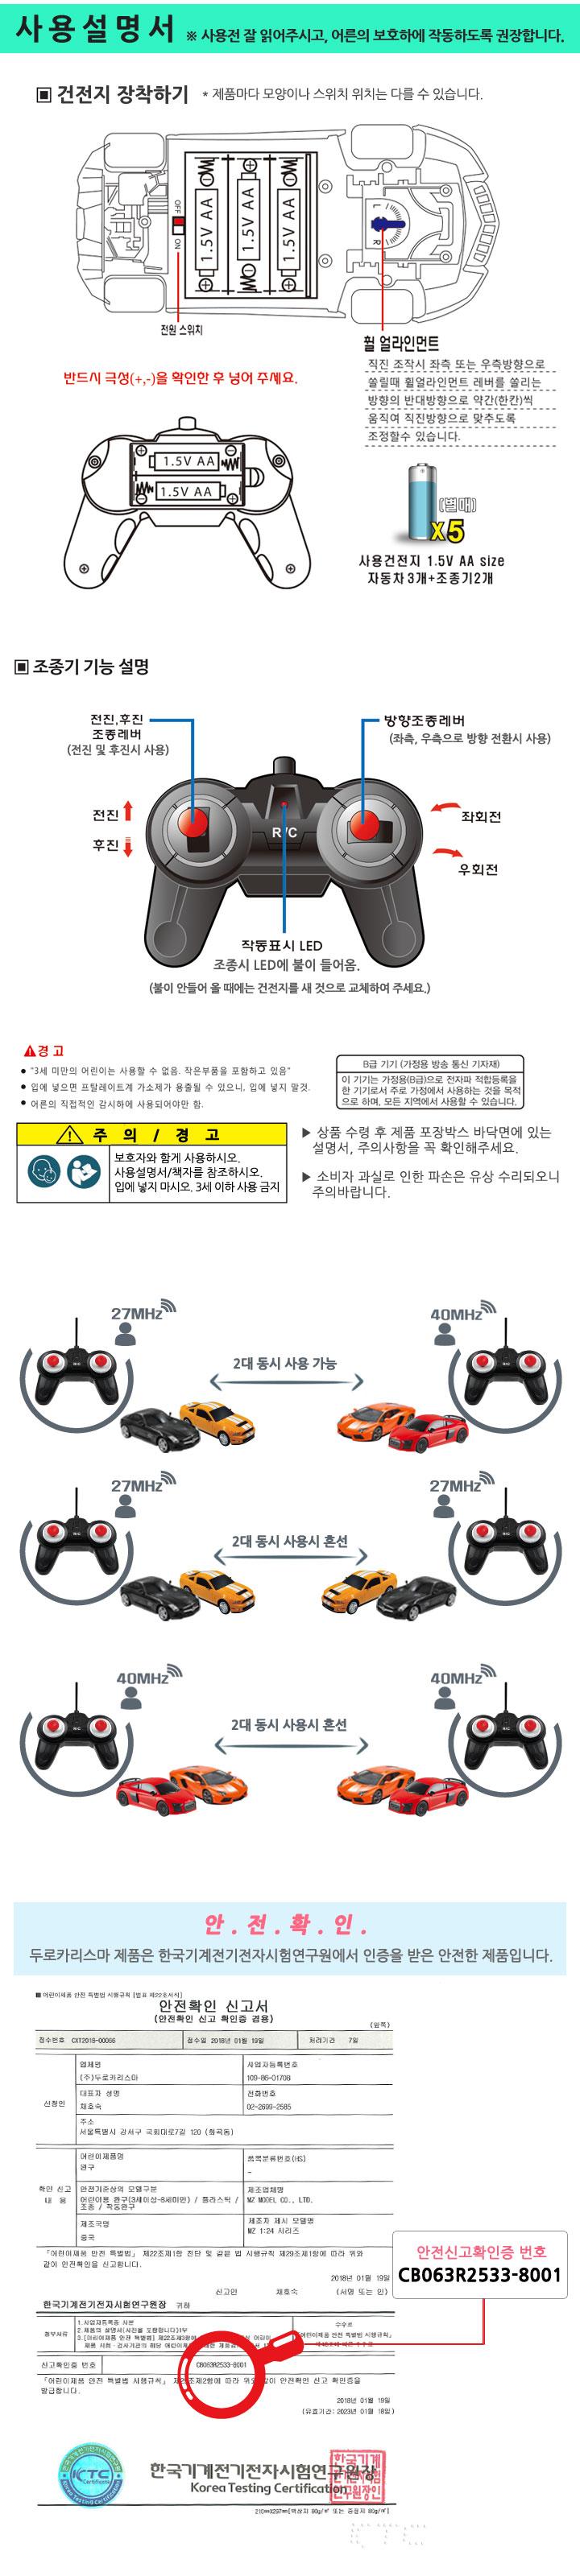 1:24 포드 쉘비 GT500 R/C카 정식라이센스알씨카 - 토이비젼, 22,000원, R/C 드론/쿼드콥터, 드론